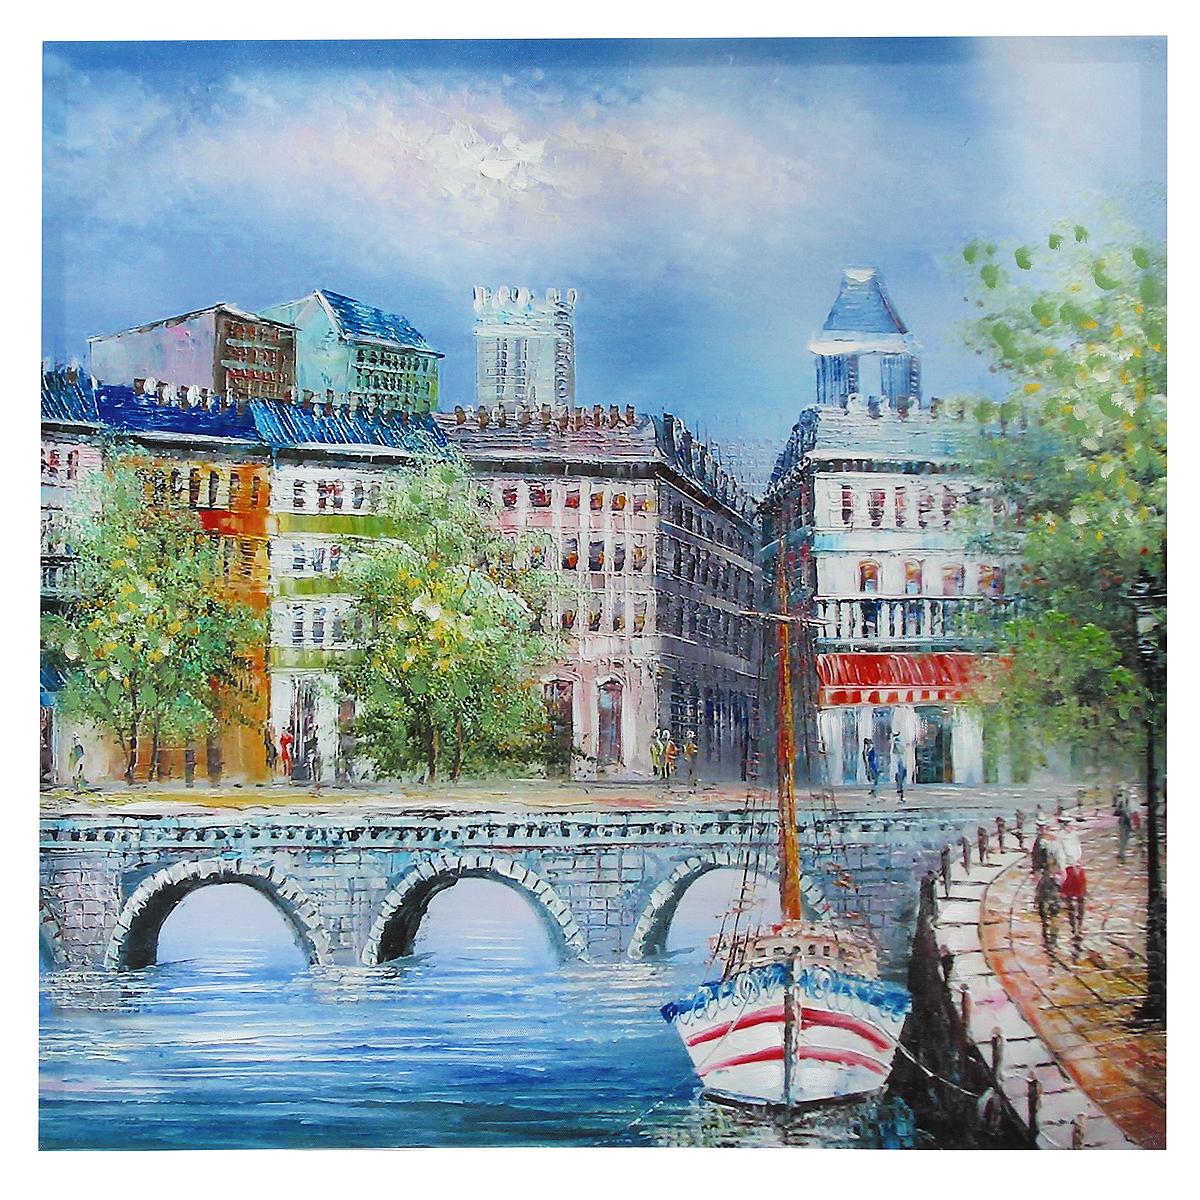 Картина-репродукция на холсте Мост, без рамки, 60 см х 60 см. 36021 квикдекор картина на холсте танцы фей и эльфов 60 см х 40 см